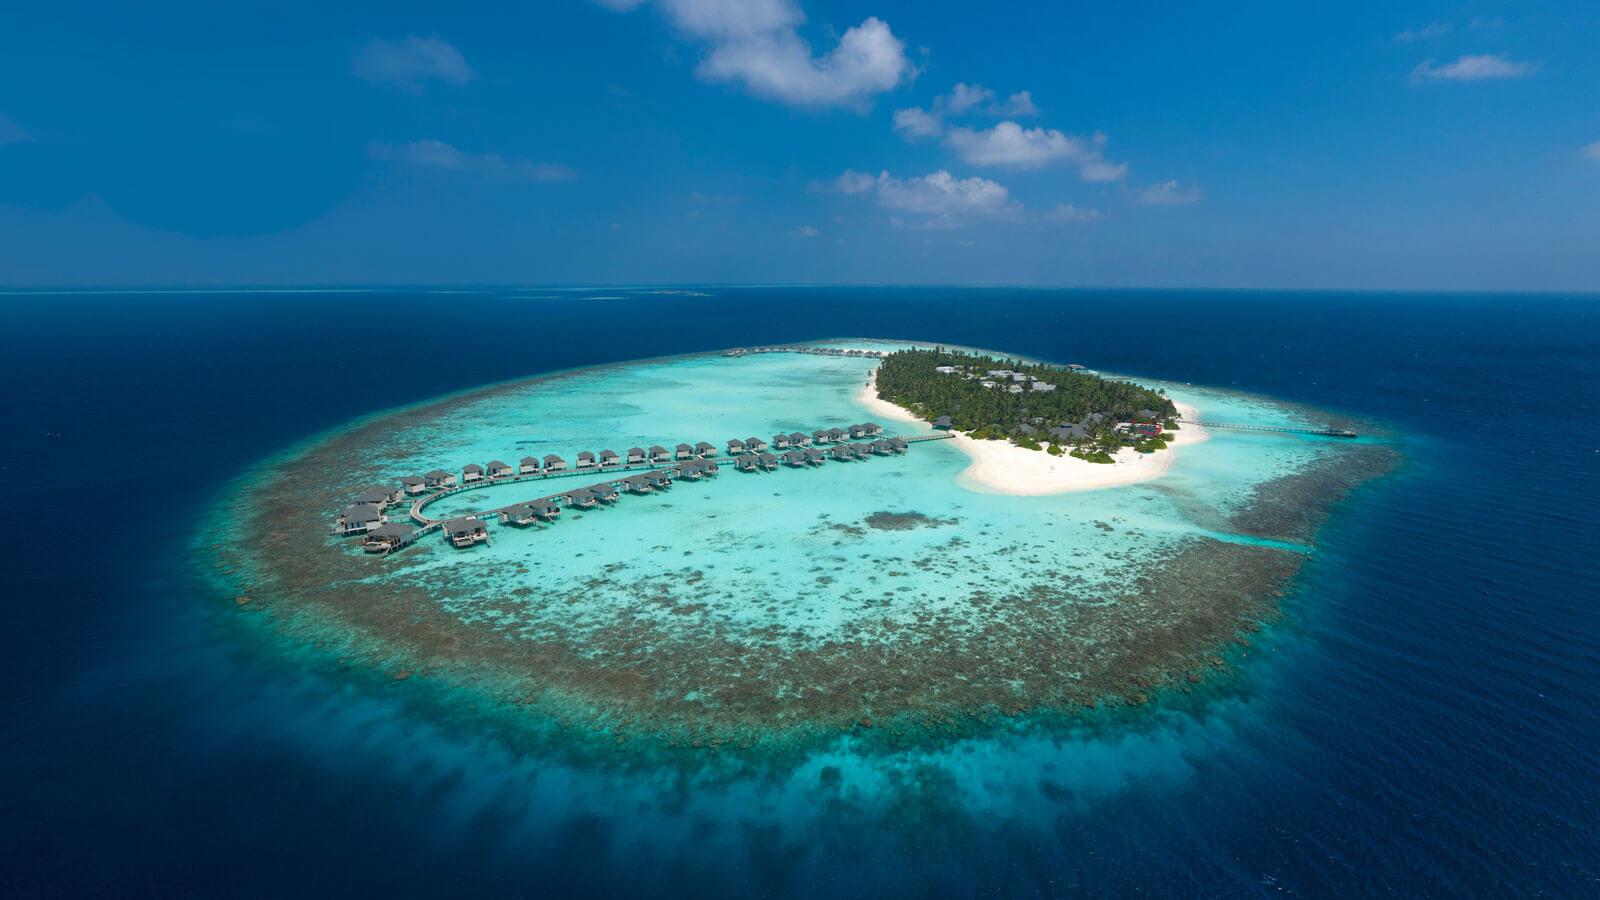 Мальдивы, отель Amari Havodda Maldives, остров